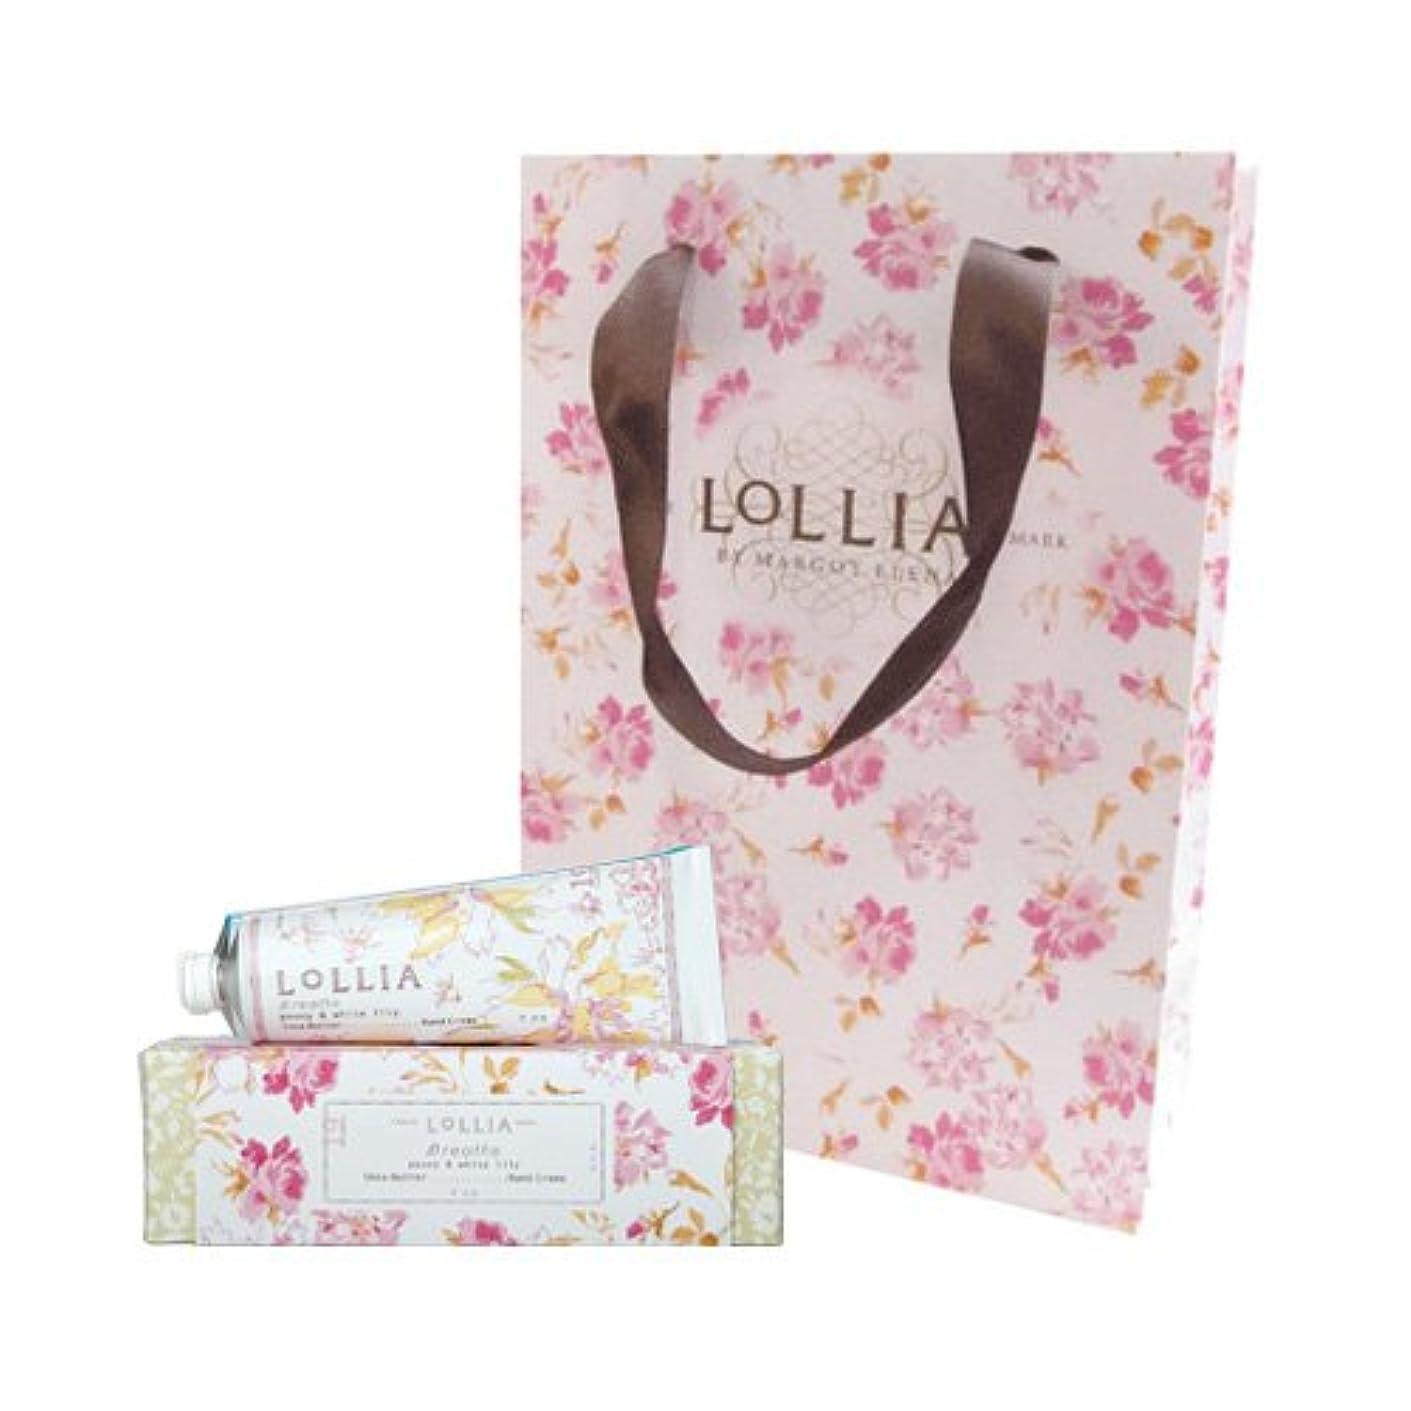 ケージ横にゴミ箱ロリア(LoLLIA) ハンドクリーム Breath 35g (ピオニーとホワイトリリーの甘くさわやかな香り) ショッパー付